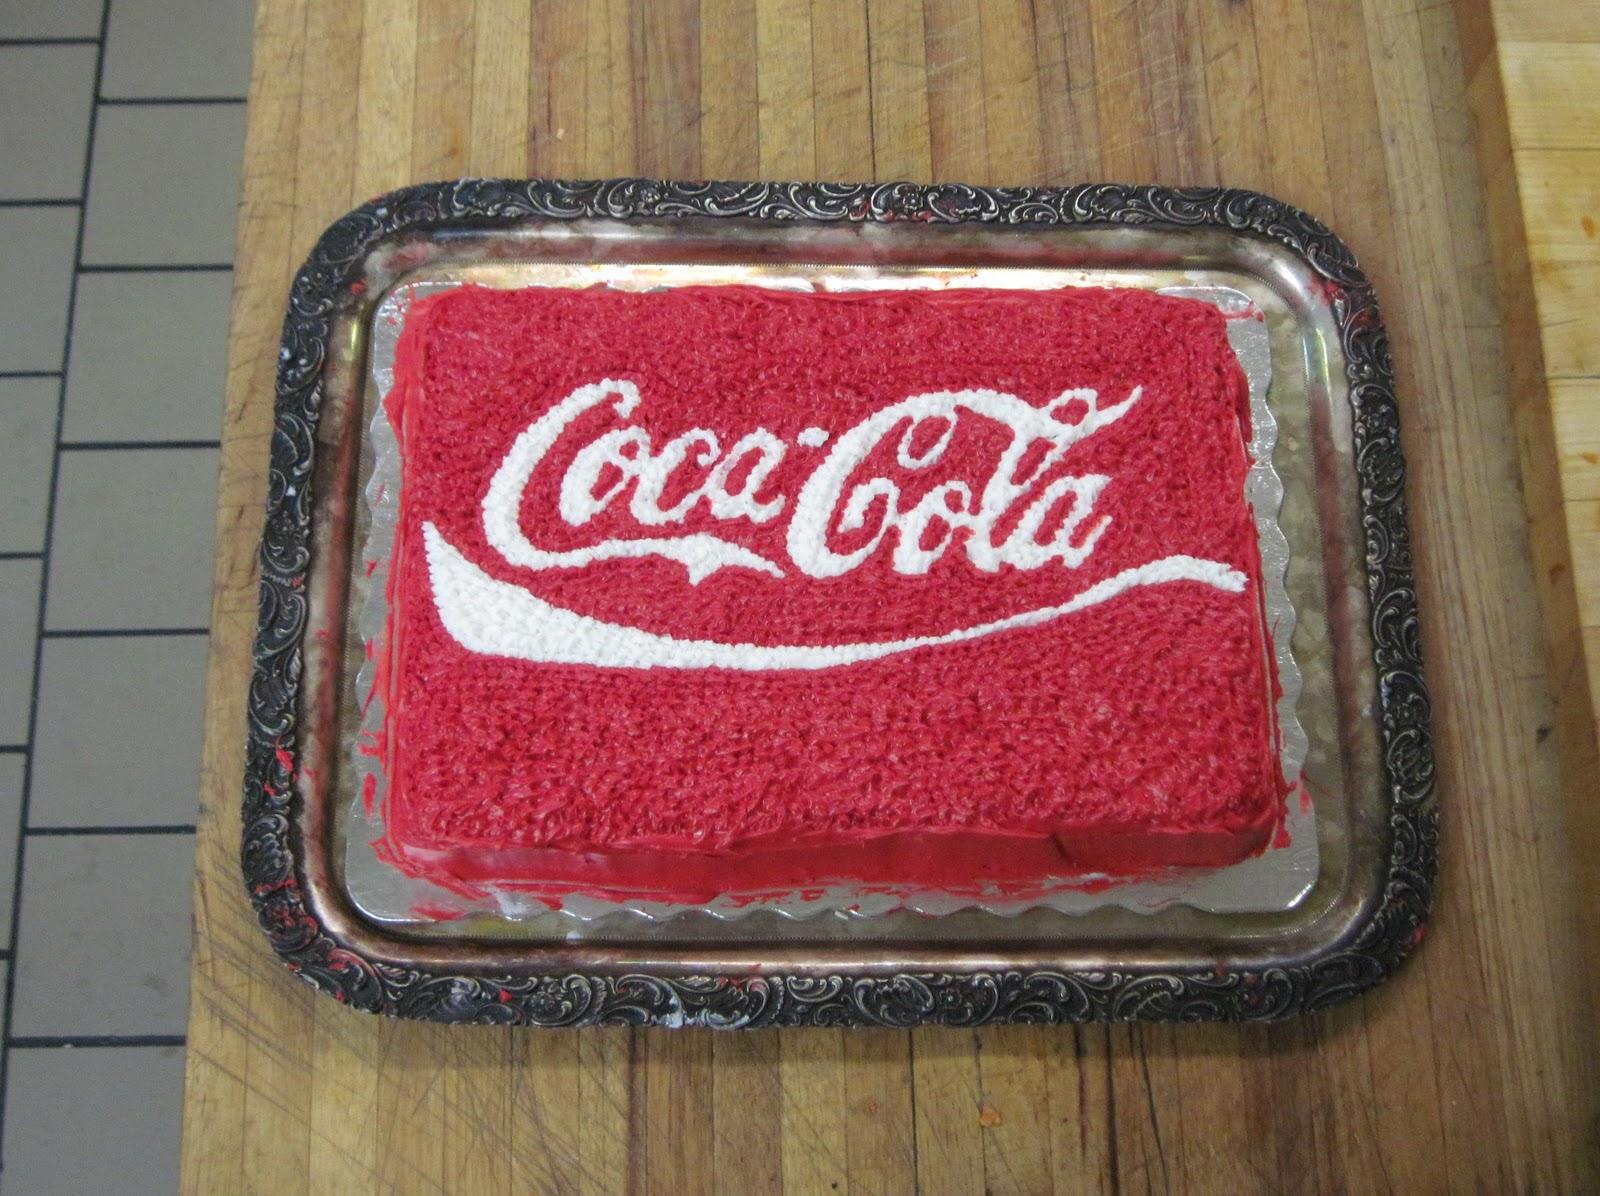 Coca-Cola Party Ideas on Pinterest | Coca Cola Party, Coca Cola Cake ...